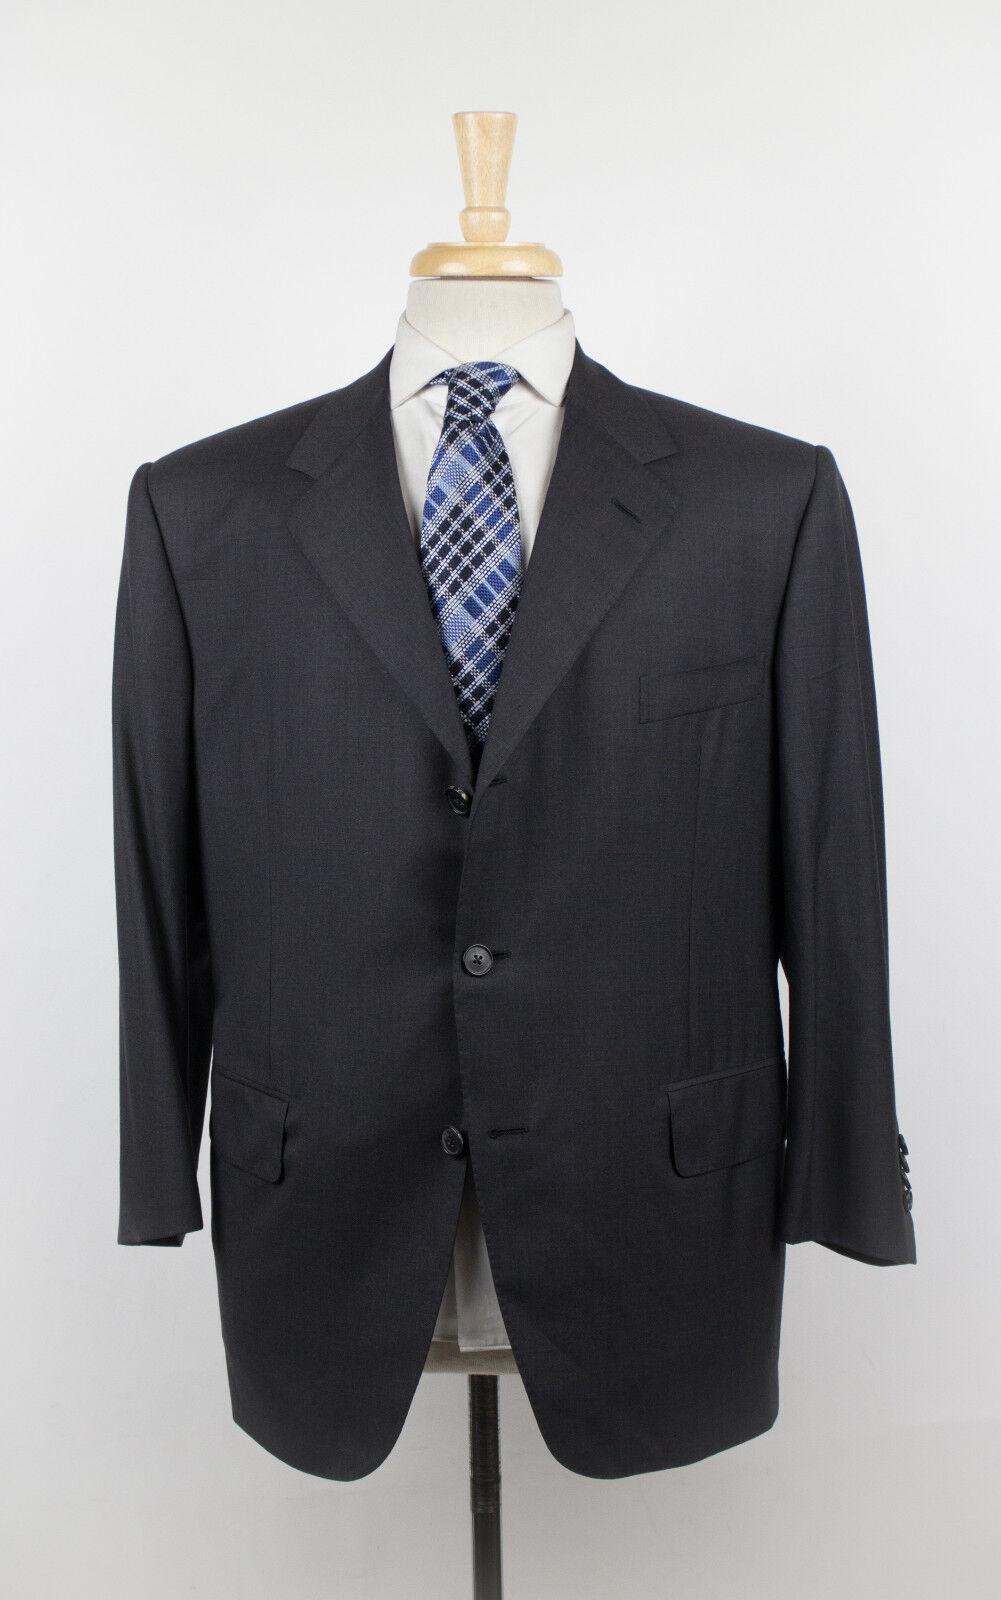 Neu D'Avenza Grau Wolle 3 Rolle 2 Knöpfen Knöpfen Knöpfen Sport Mantel Blazer Größe 56 46 S   | Die erste Reihe von umfassenden Spezifikationen für Kunden  | Verrückter Preis  | Angenehmes Gefühl  d5bf57